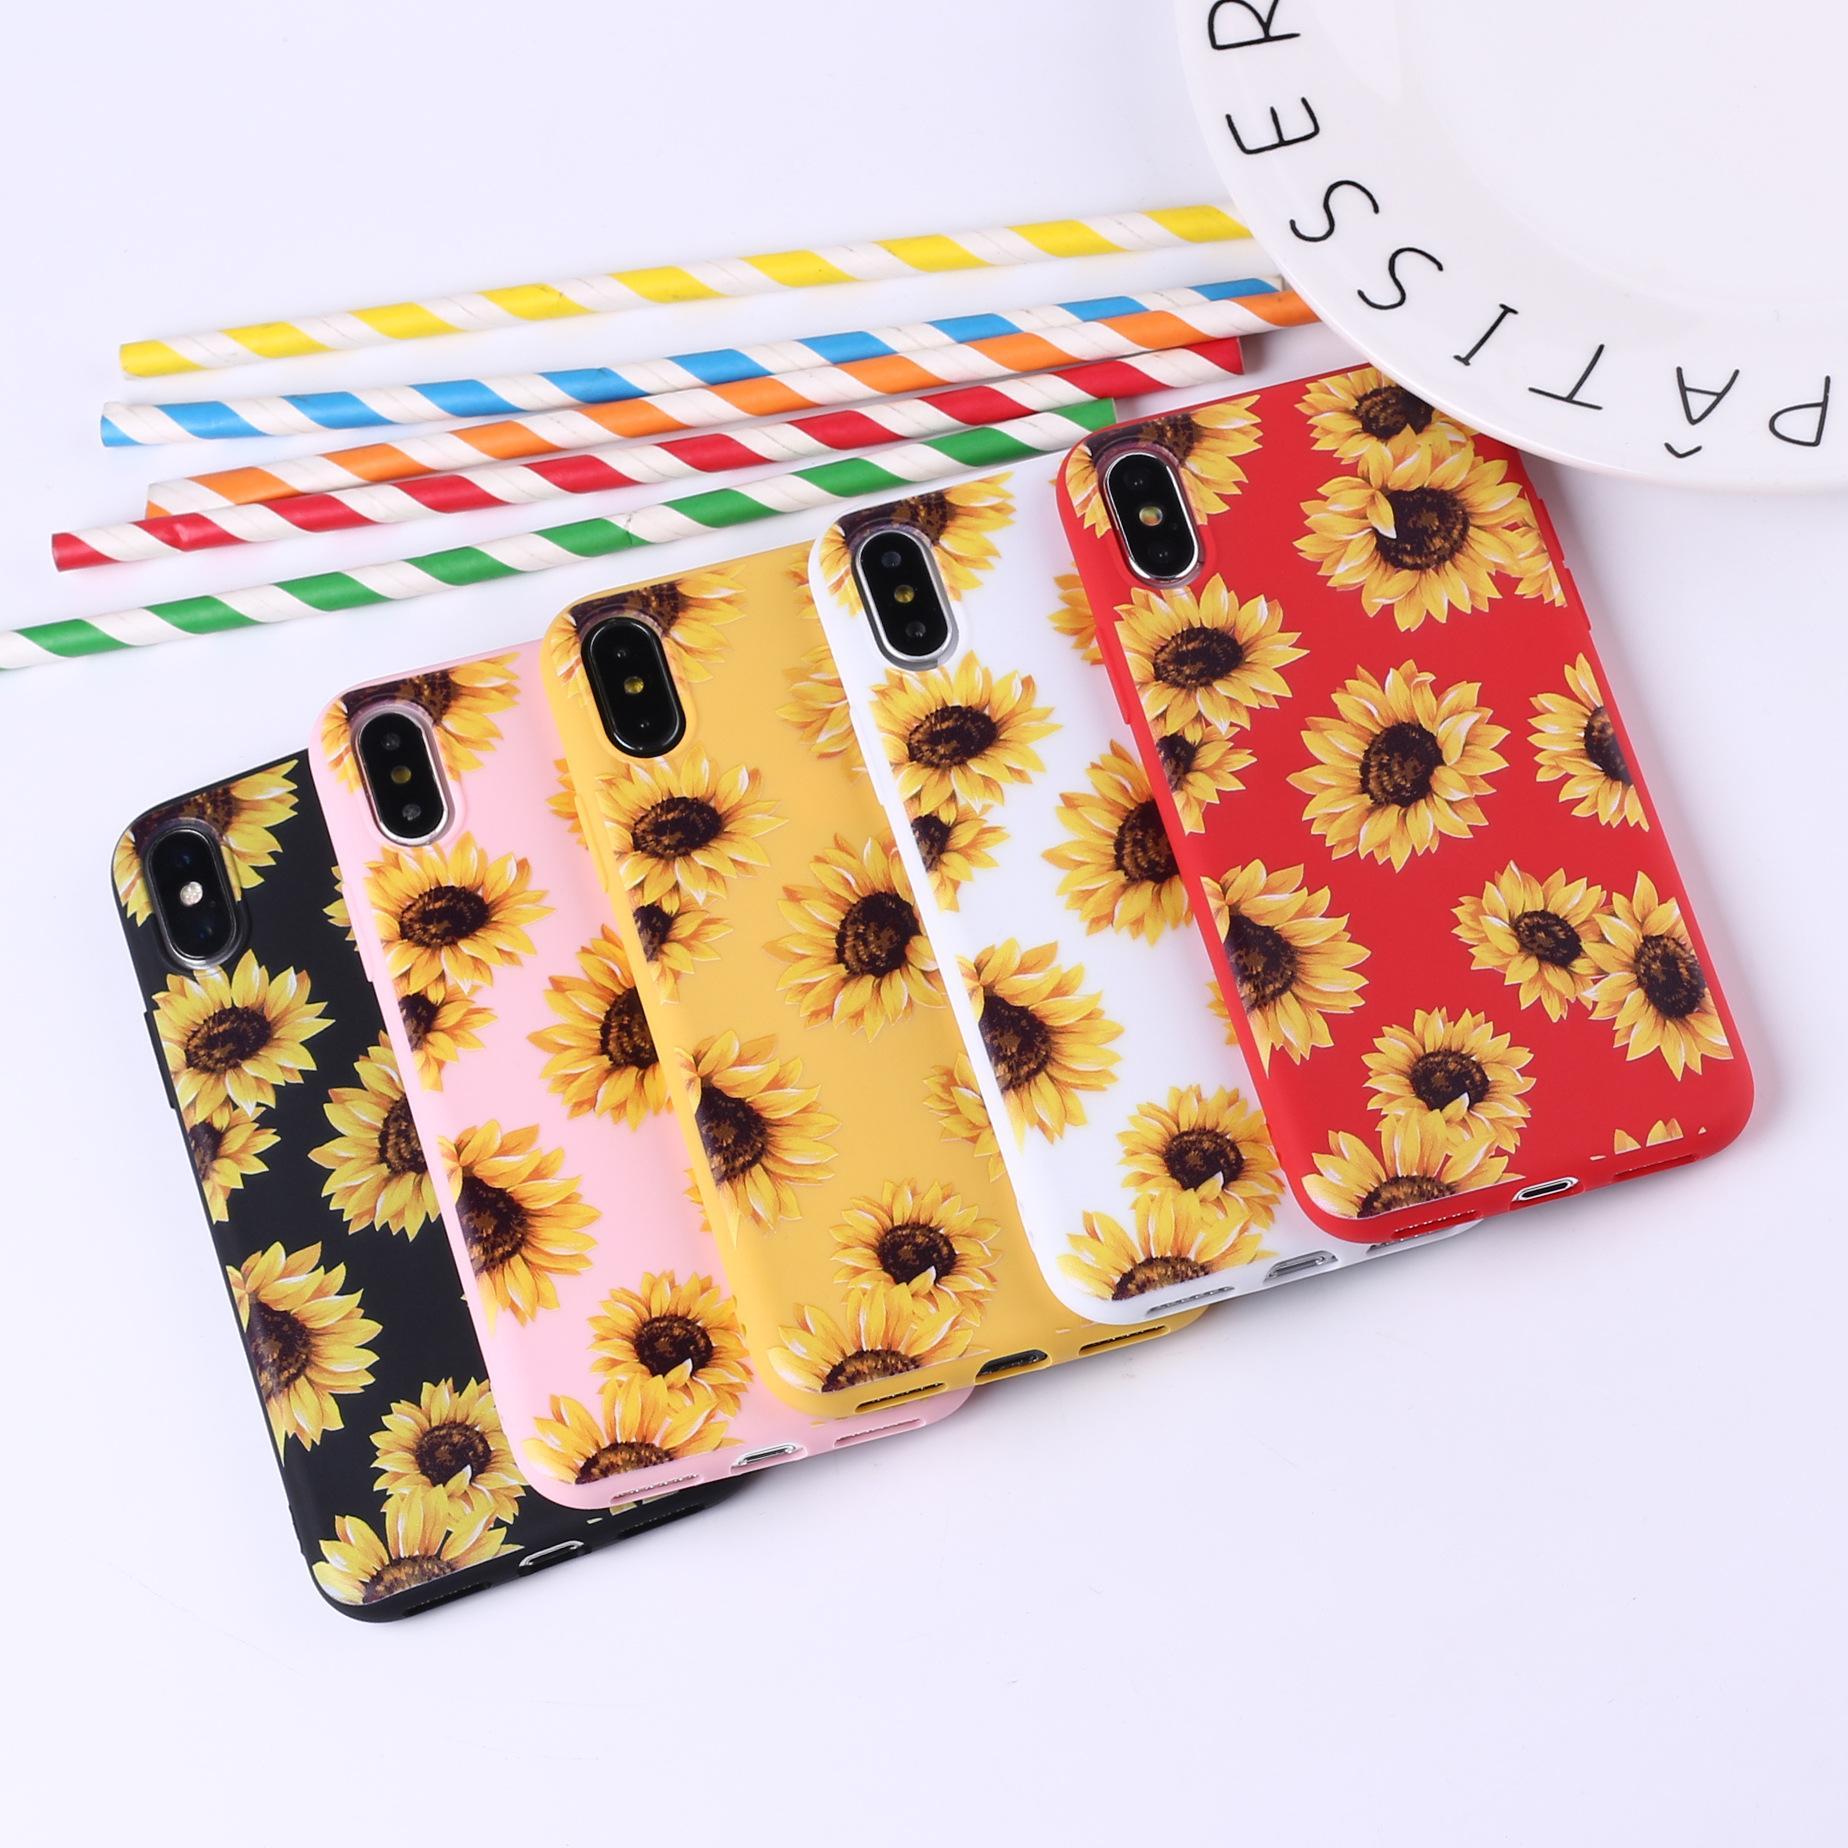 패션 여름 데이지 해바라기 꽃 꽃 소프트 TPU 전화 케이스 Coque 아이폰 (12) 미니 프로 최대 11 프로 X XR XS 맥스